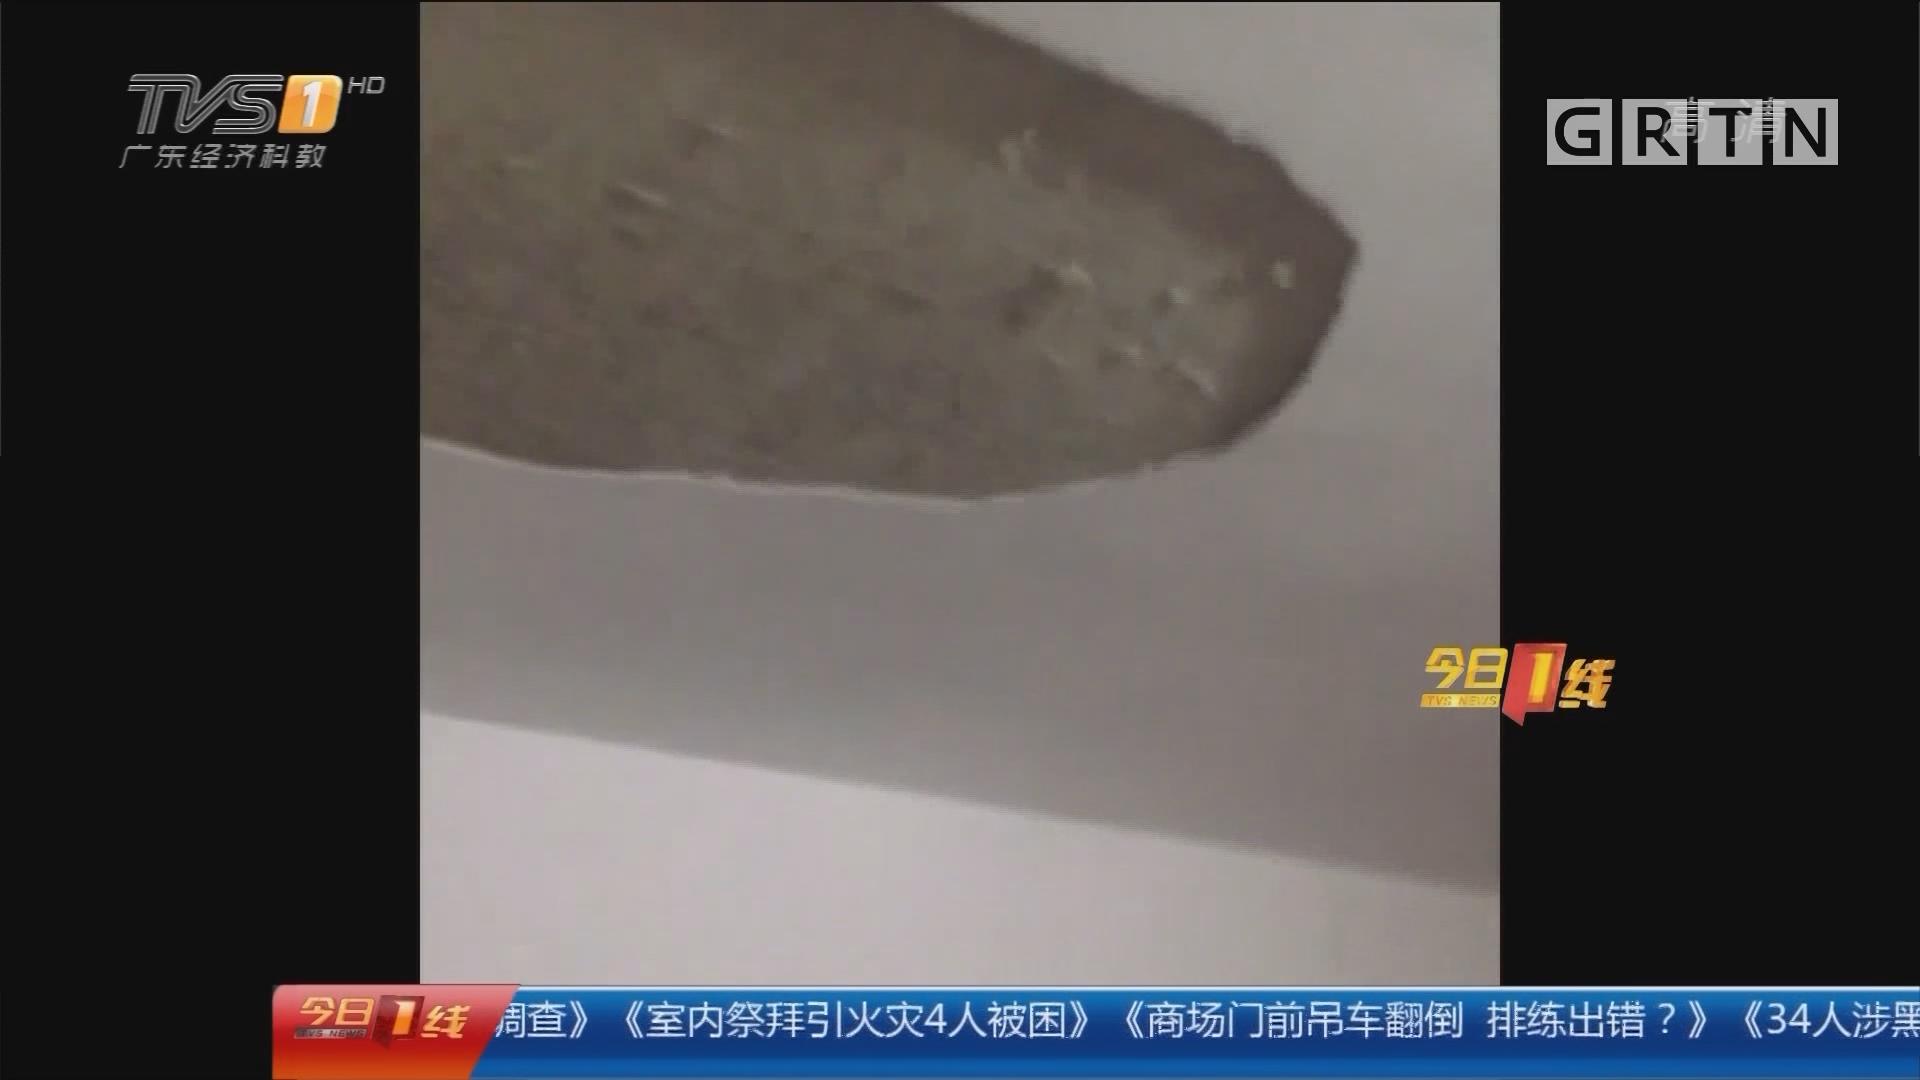 深圳:洗澡要戴安全帽 因天花板接连脱落!